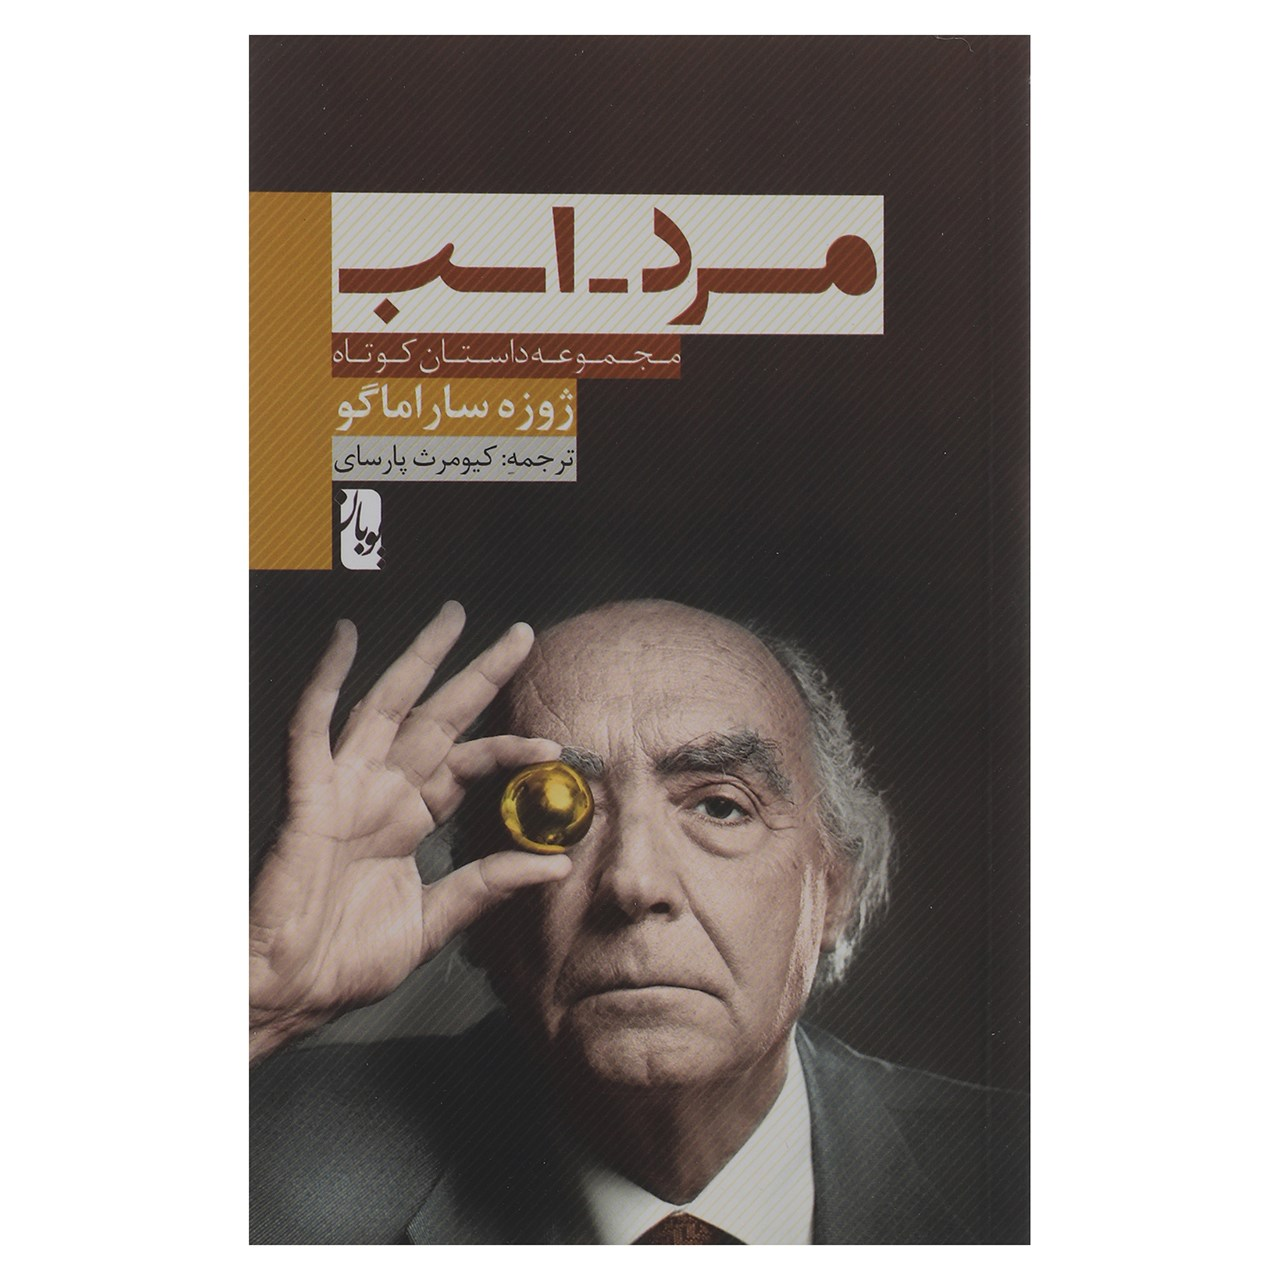 خرید                      کتاب مرد اسب اثر ژوزه ساراماگو